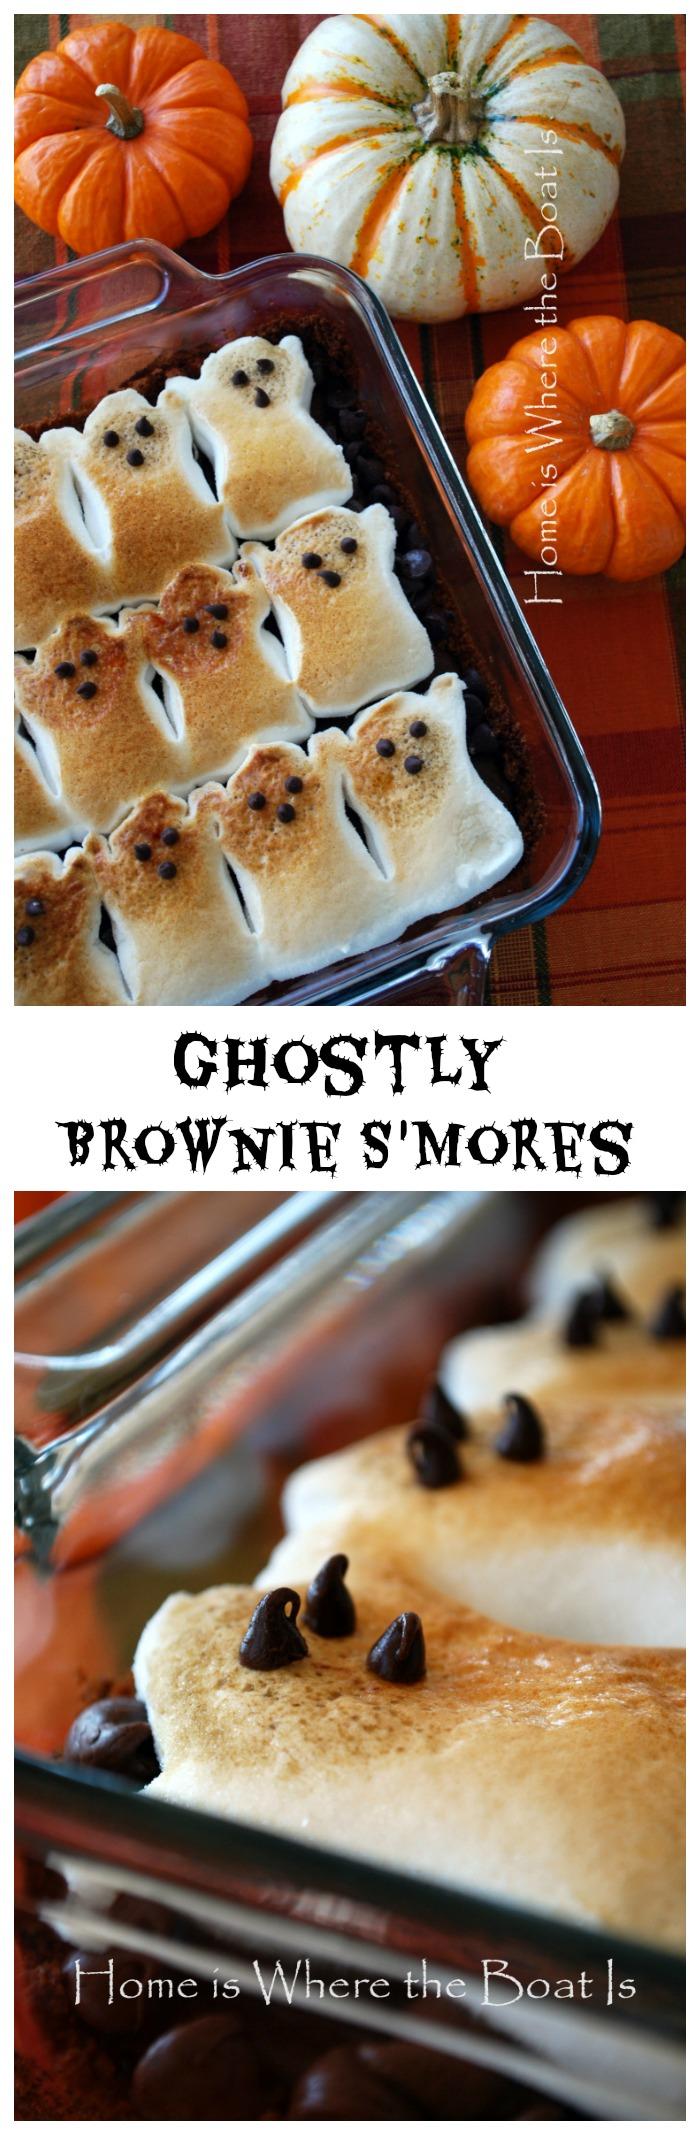 ghostly-peeps-brownie-smores